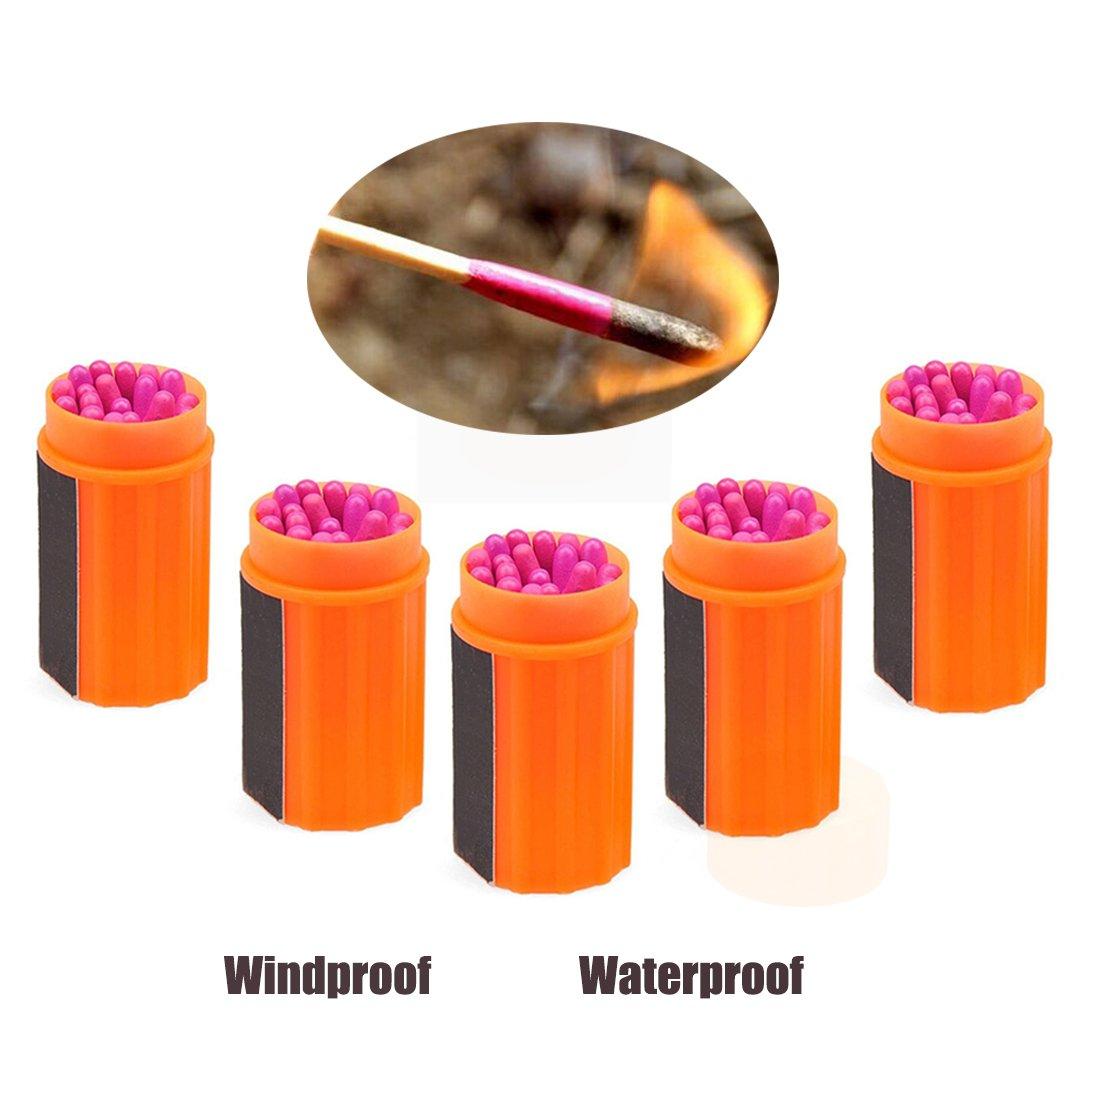 Cerillas KRY. Cerillas de supervivencia impermeable y a prueba de viento con cabeza extragrande, herramienta para al aire libre, campamentos, senderismo o emergencia